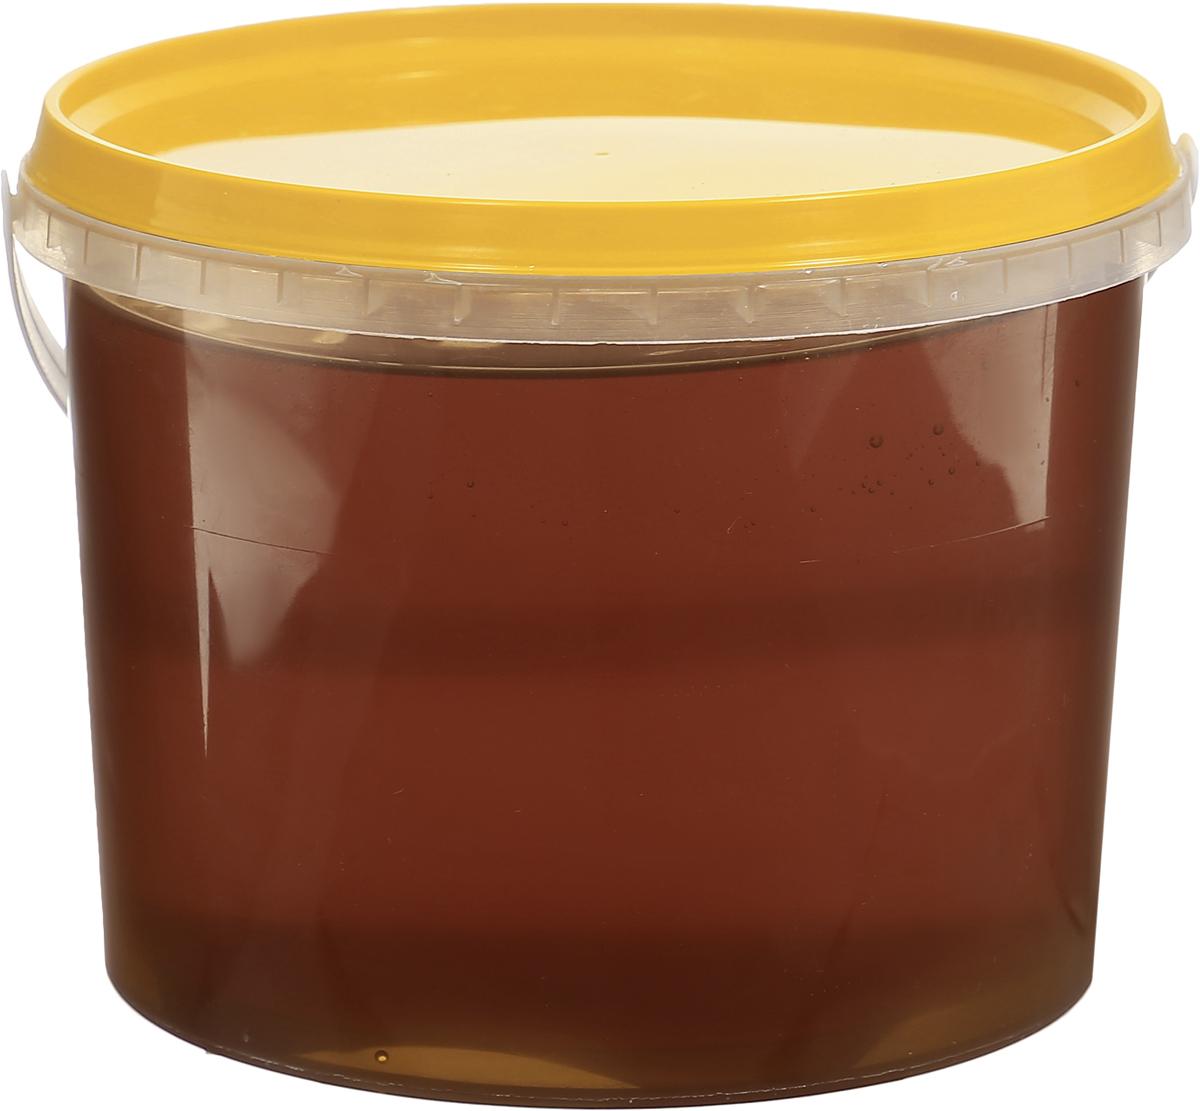 Медовед мед натуральный таежный, 1 кг4627123647583Мед натуральный таежный Медовед. Цвет такого меда варьируется от светло-коричневого до темно-коричневого. Вкус и запах весьма ароматный. Таежный мед имеет специфический, ярко выраженный вкус, удивительный насыщенный аромат таежных просторов и сильные лечебные свойства.Таежный мед рекомендуют для стабилизации давления, для расширения коронарных сосудов, для снижения отеков сердечного происхождения - то есть лечения заболеваний сердца. Таежный мед хорошо выводит из организма шлаки, укрепляет иммунитет, а также используется как мочегонное средство. Мед особенно хорош в гинекологическом лечении. Таежный мед используют и для детского питания, так как он характеризуется в первую очередь, как общеукрепляющее средство для человеческого организма.Целебные сорта мёда. Статья OZON Гид